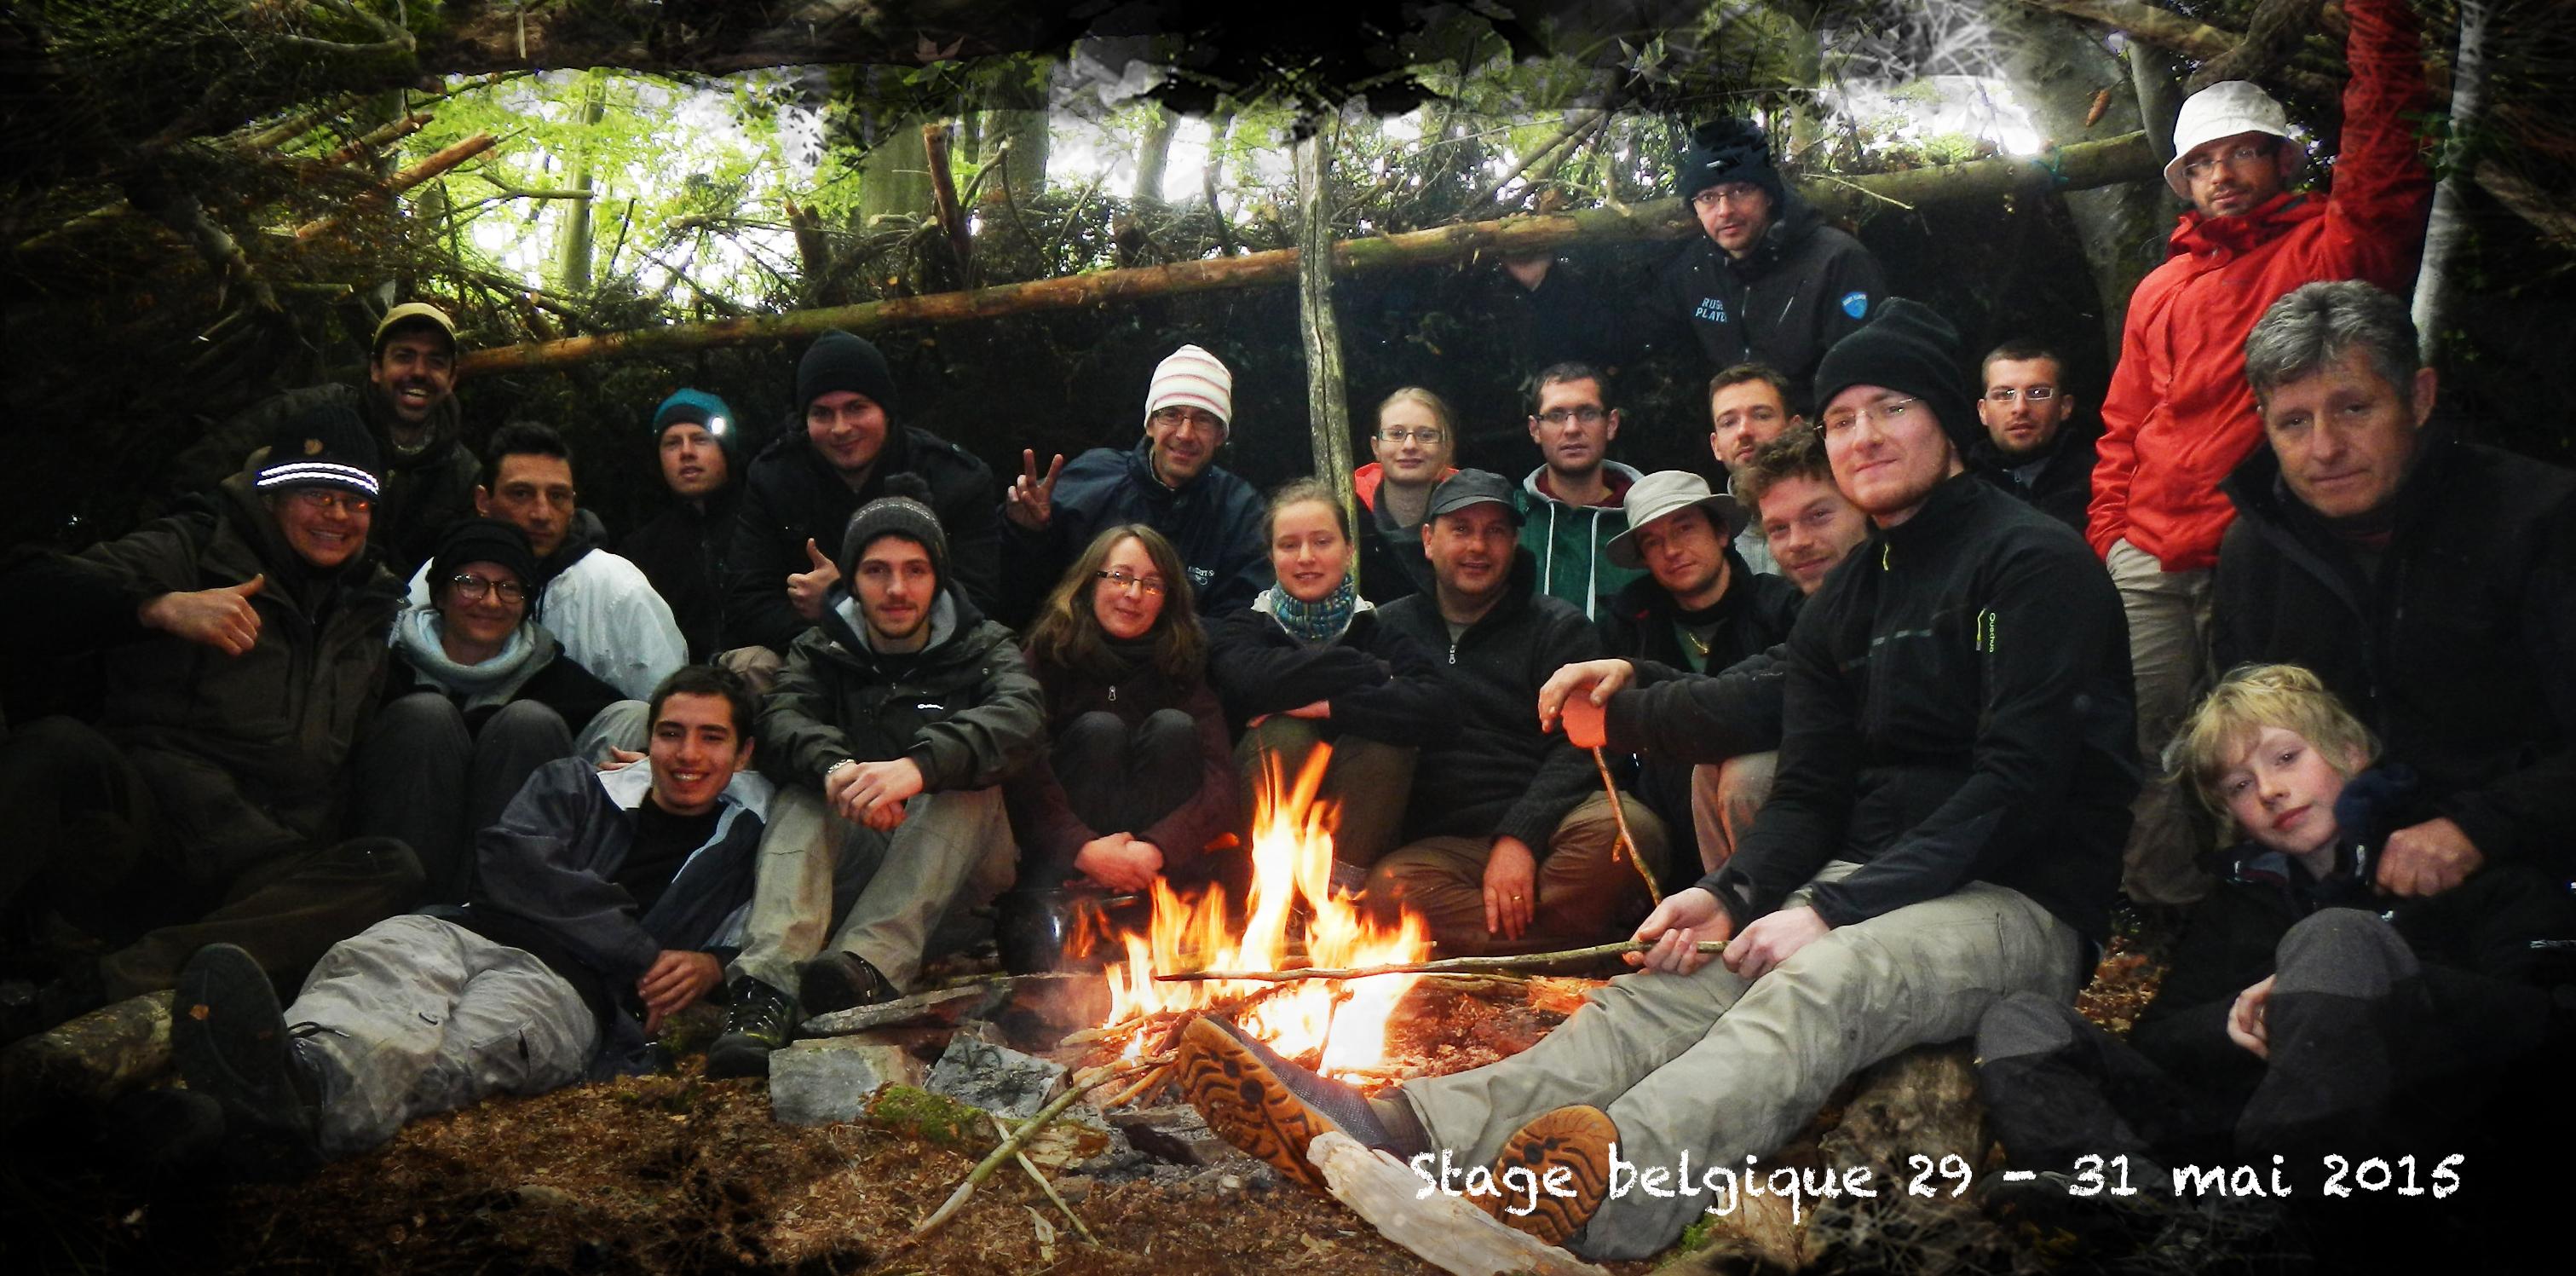 groupe belgique 29-31 mai 2015.jpg